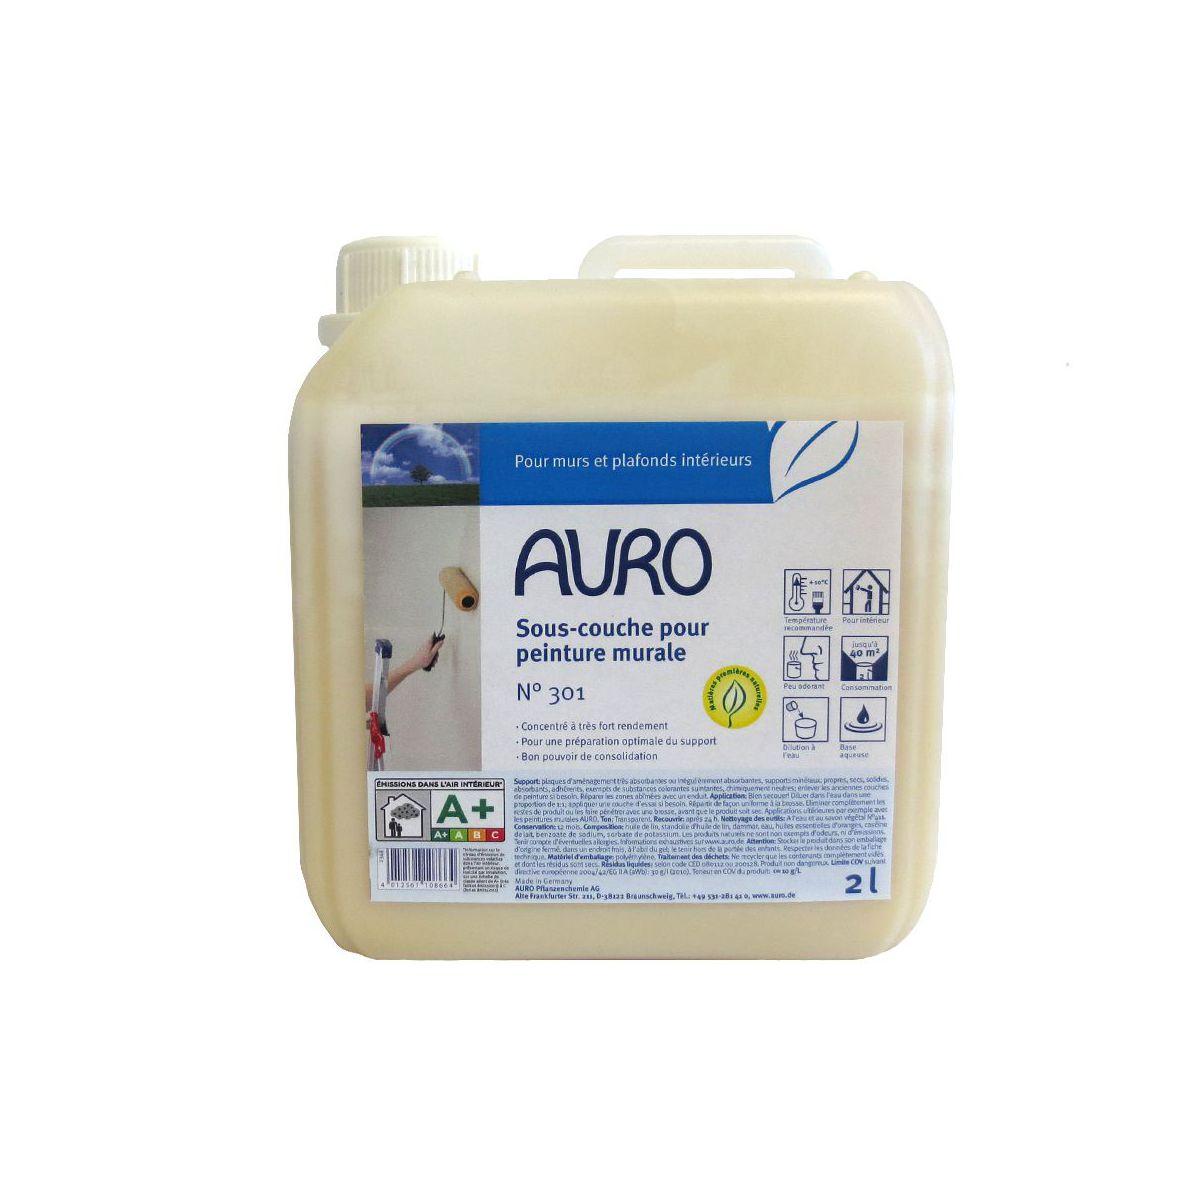 sous couche cologique auro n301 - Primaire D Accrochage Peinture Plafond